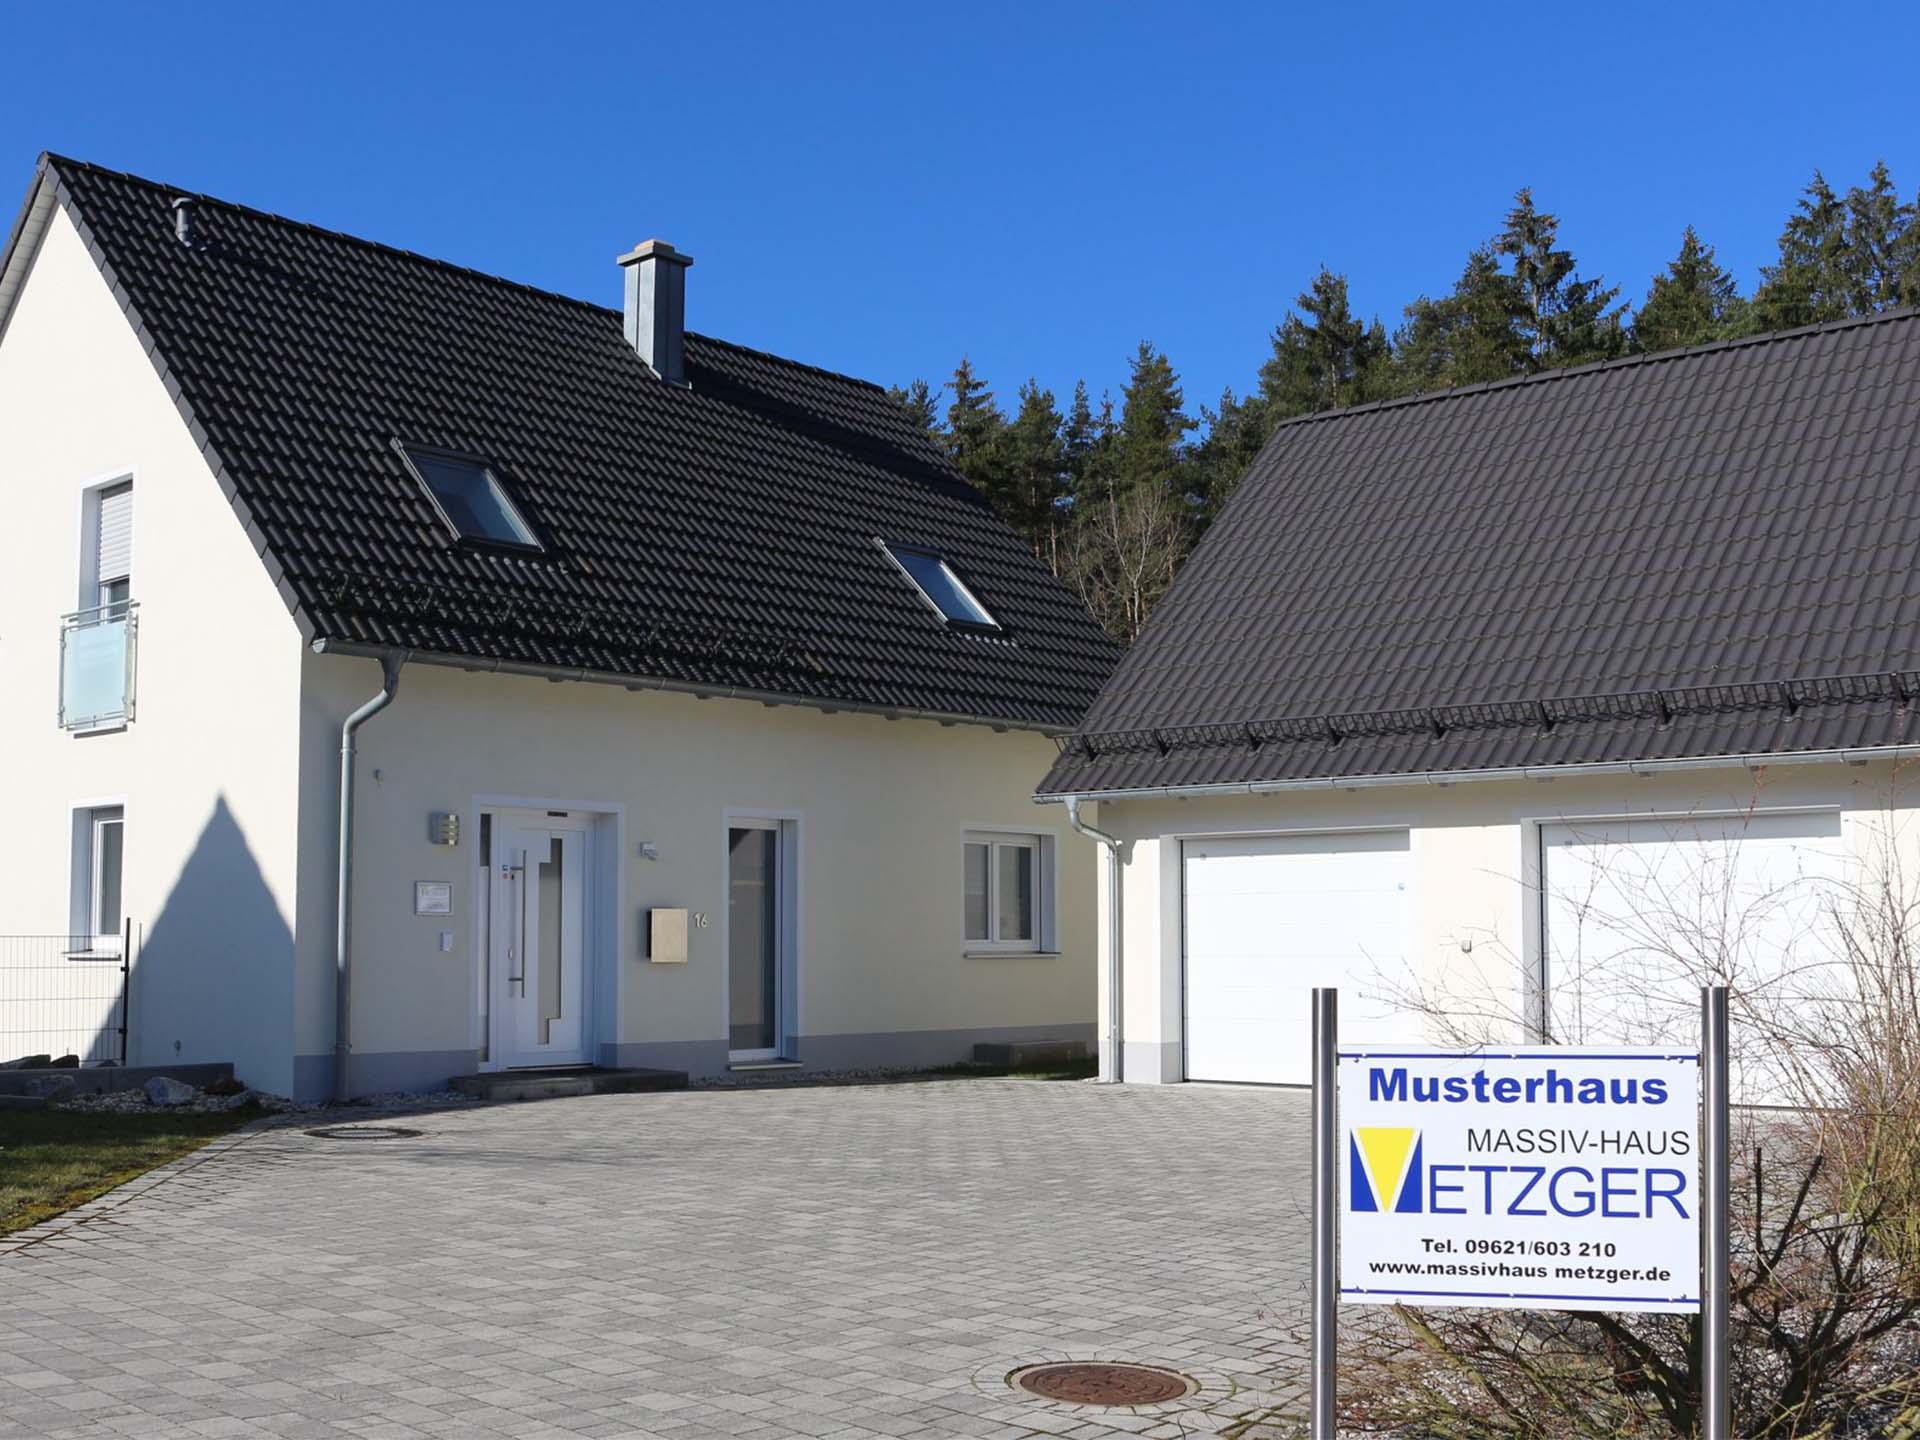 MHP-Massivhaus Musterhaus